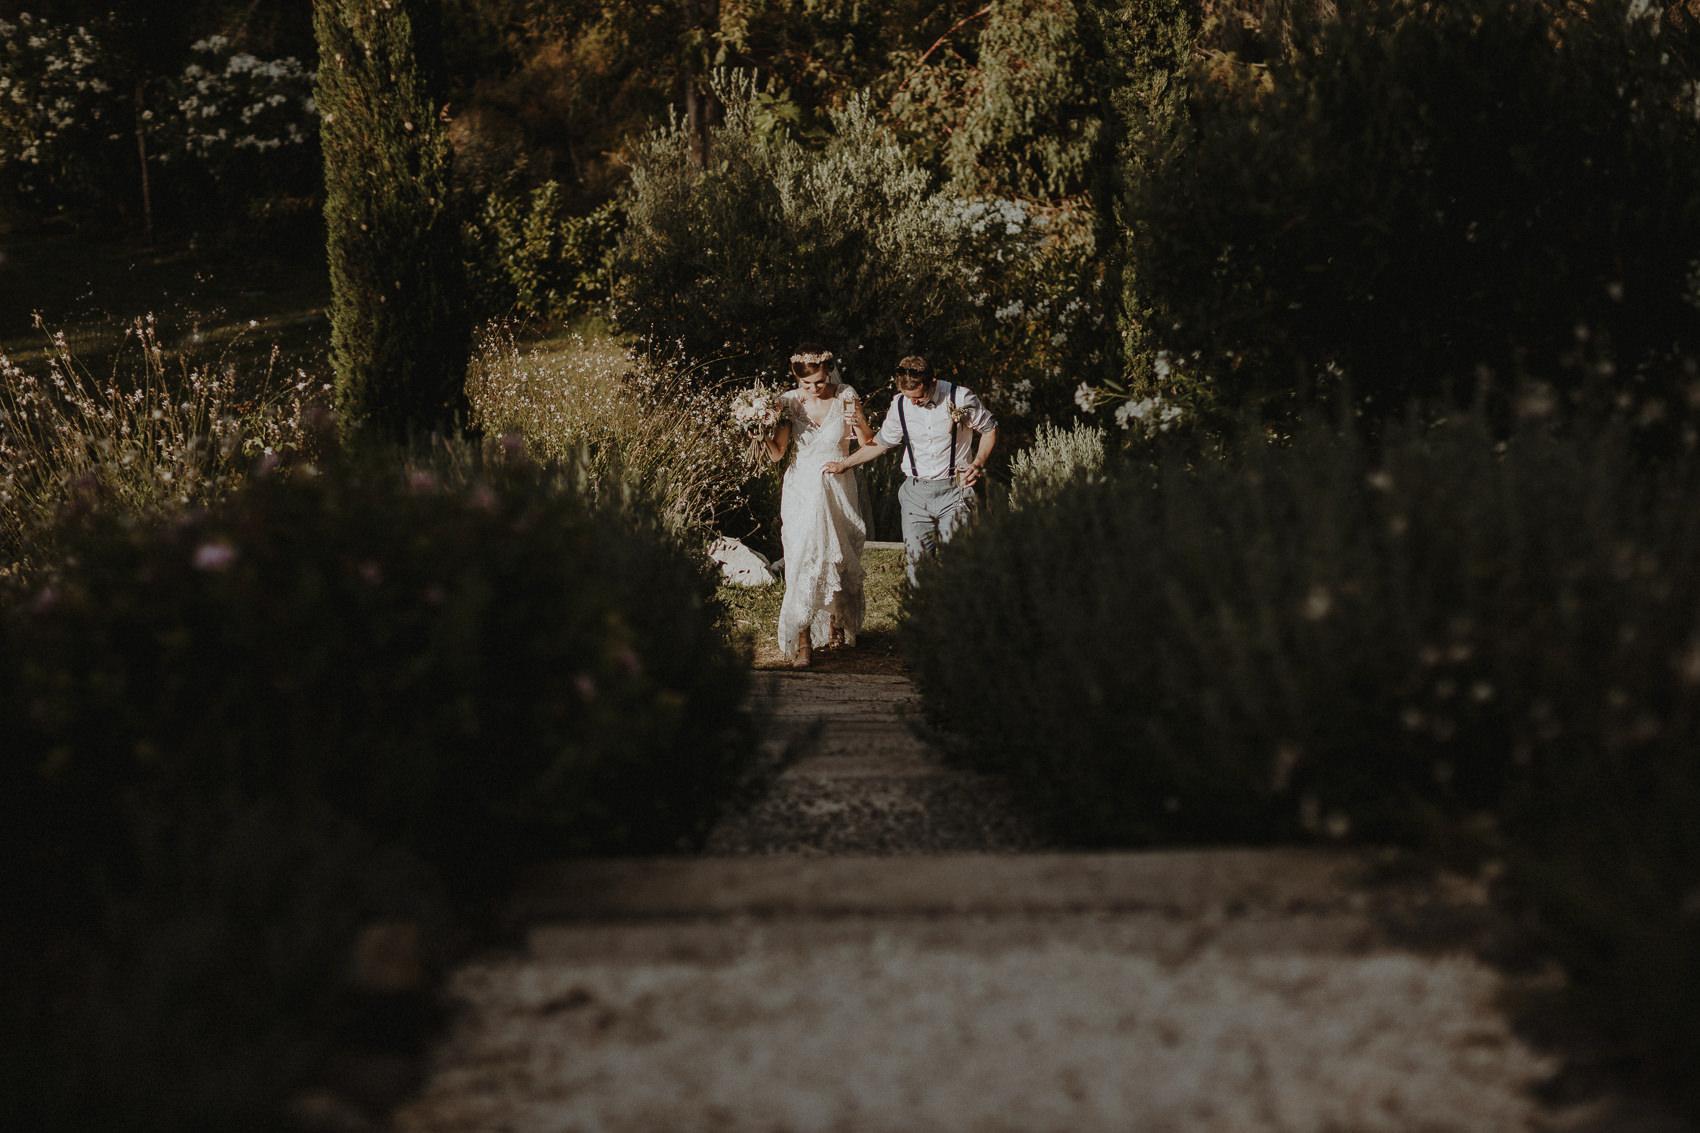 Sarah & Bill | Summer wedding at Cortijo Rosa Blanca | Marbella - Spain 120